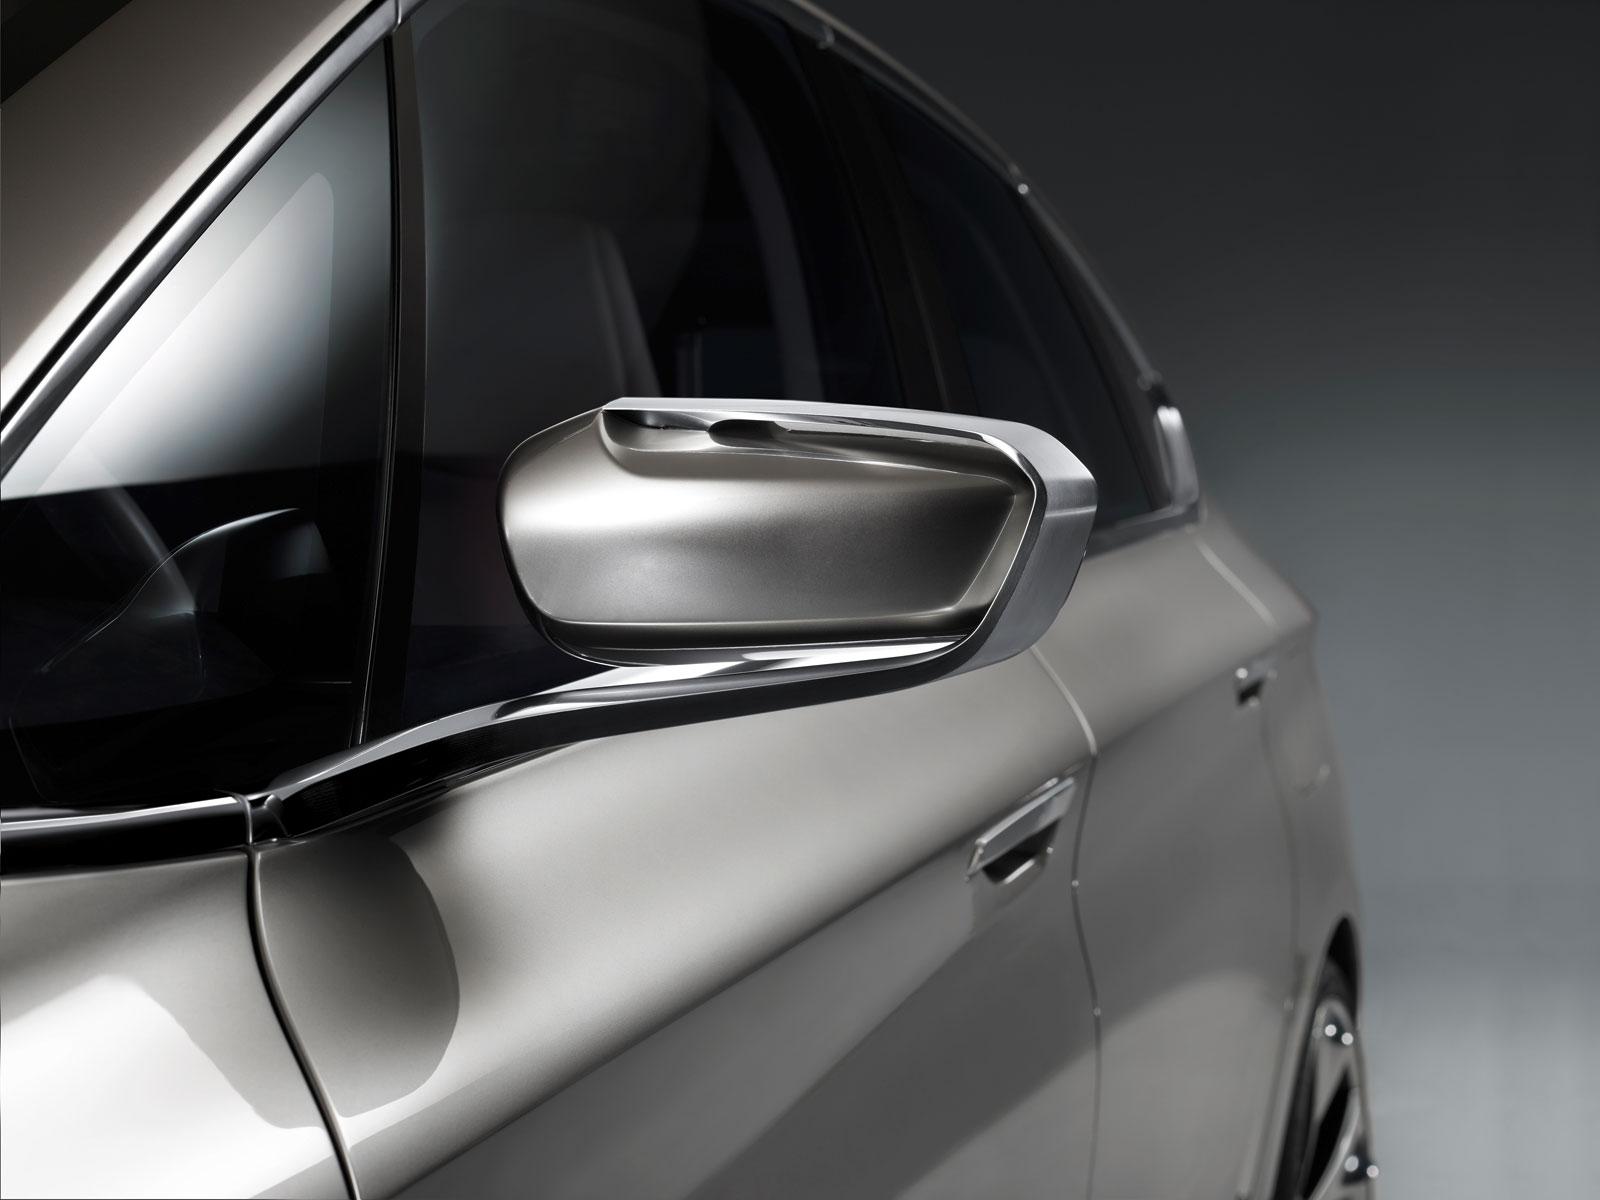 2012 BMW Concept Active Tourer - Concepts